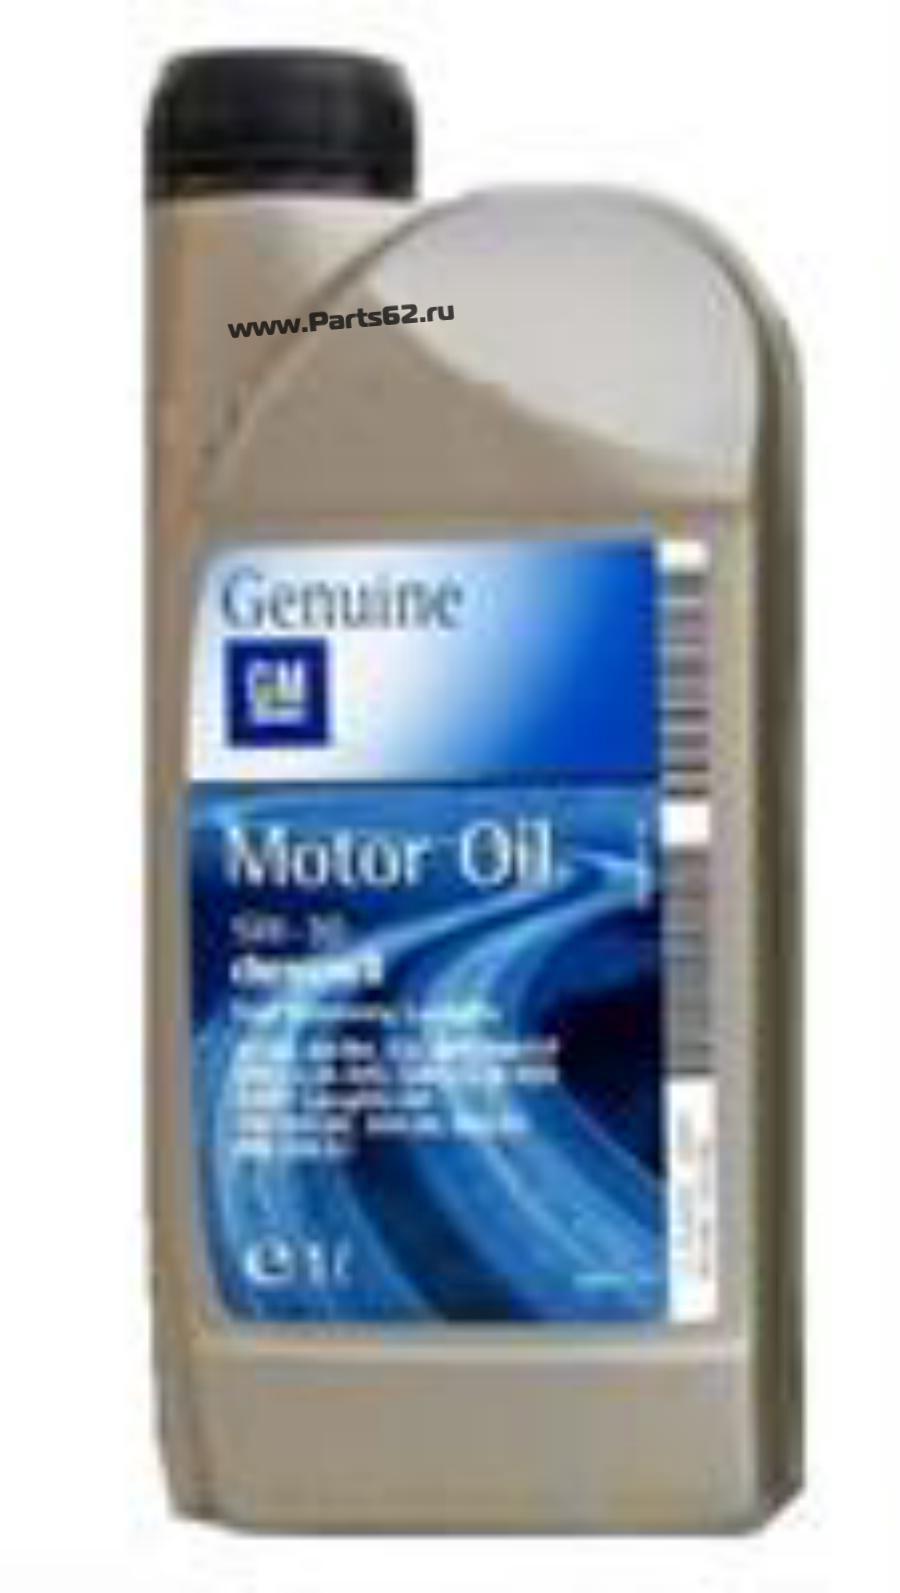 Масло моторное синтетическое Dexos 2 5W-30, 1л